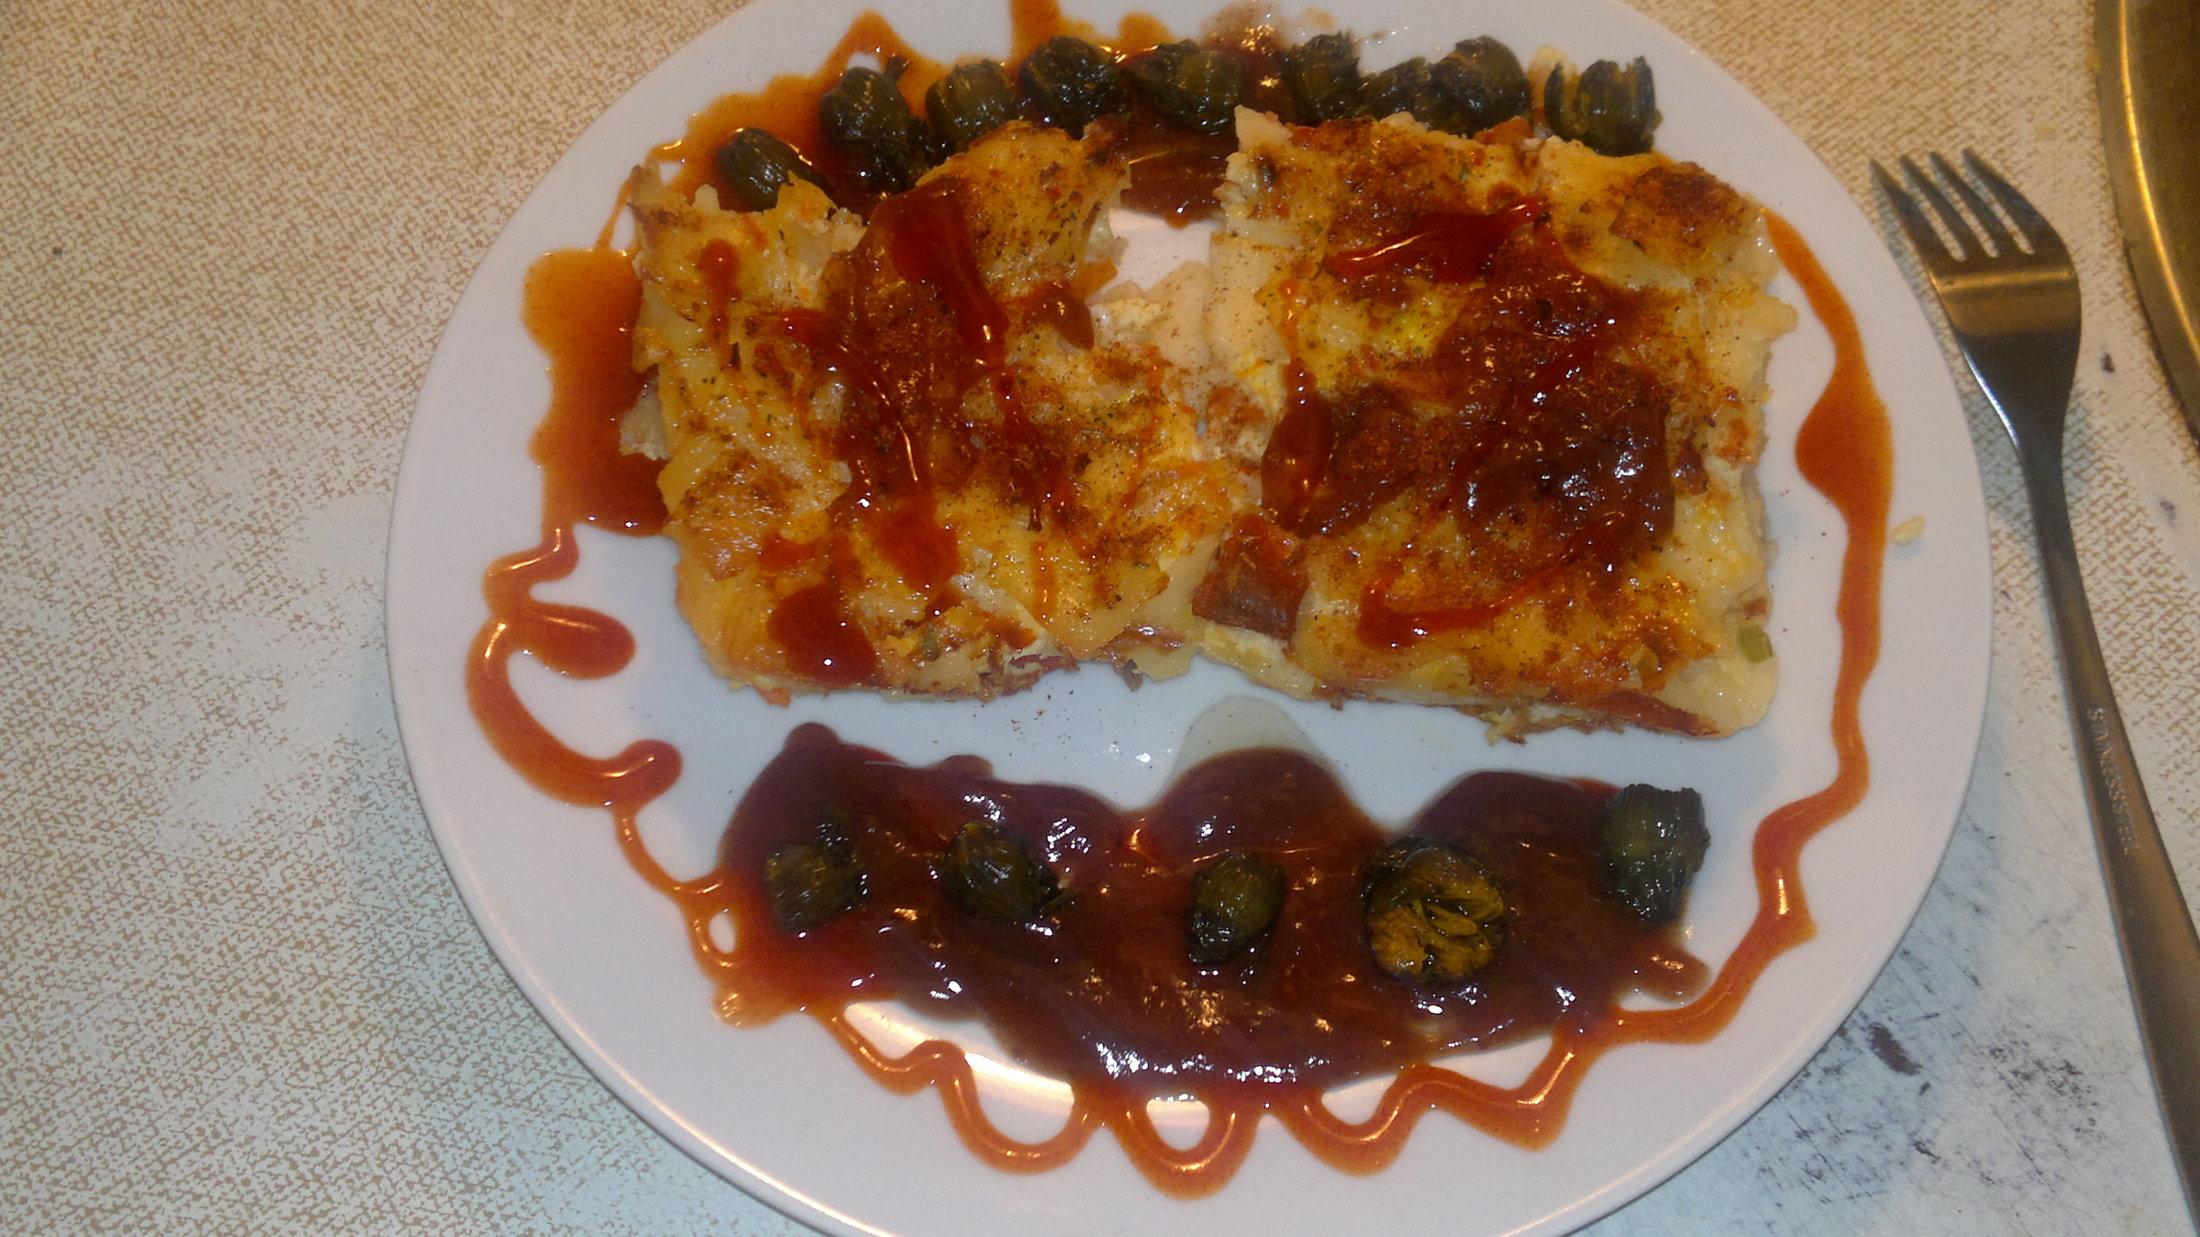 Recept Šunkofleky - Šunkofleky porcička, domácí chilli omajda, švestková omajda a pampeliškové kapari... dobrou chuť přeji....